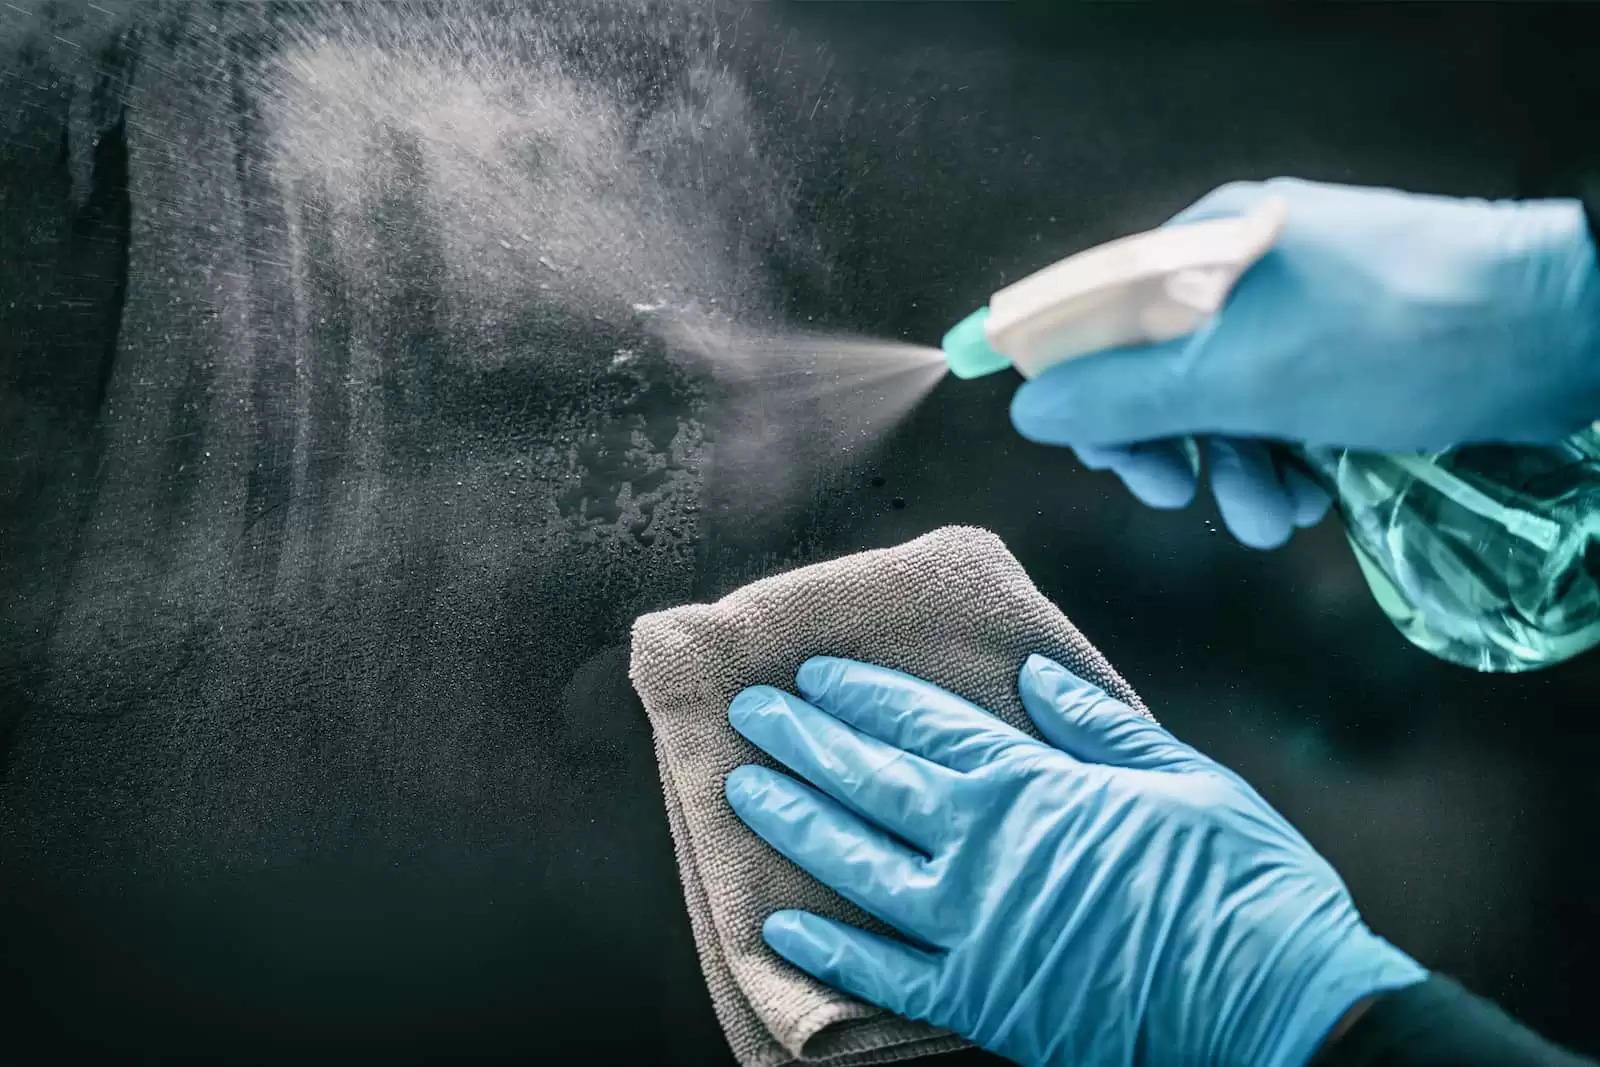 Covid: संक्रमण से बचने के लिए किन घरेलू सामानों को रोजाना सैनिटाइज करना चाहिए?